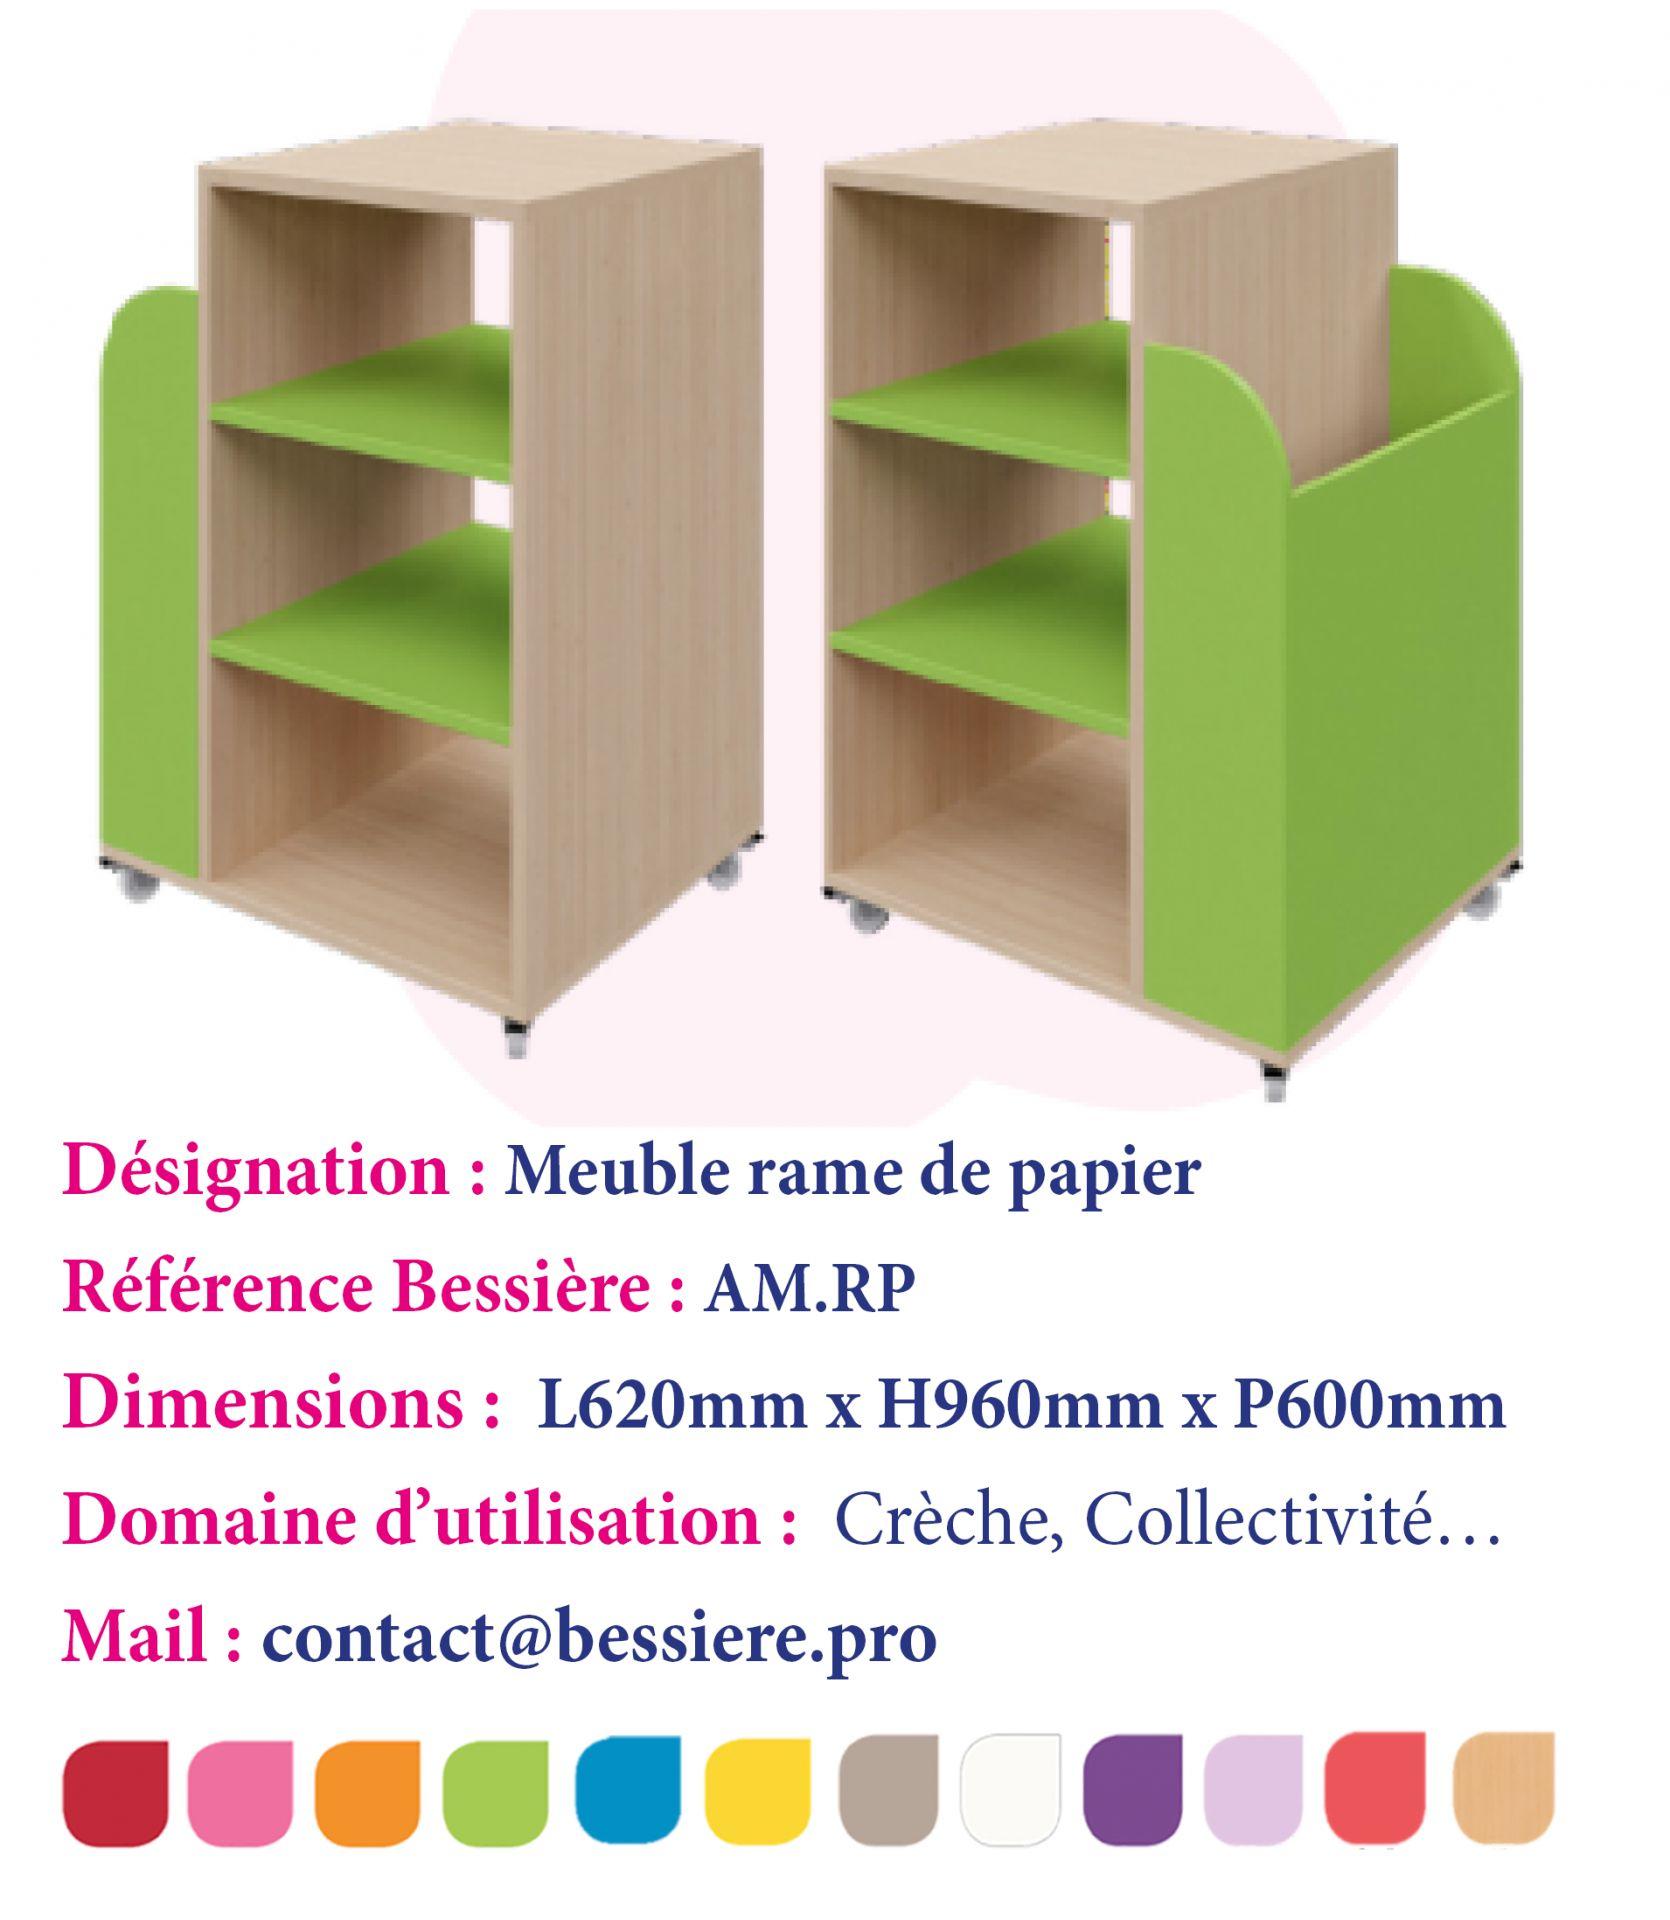 rangements pour creches tous les fournisseurs rangement maternelle rangement puericulture. Black Bedroom Furniture Sets. Home Design Ideas